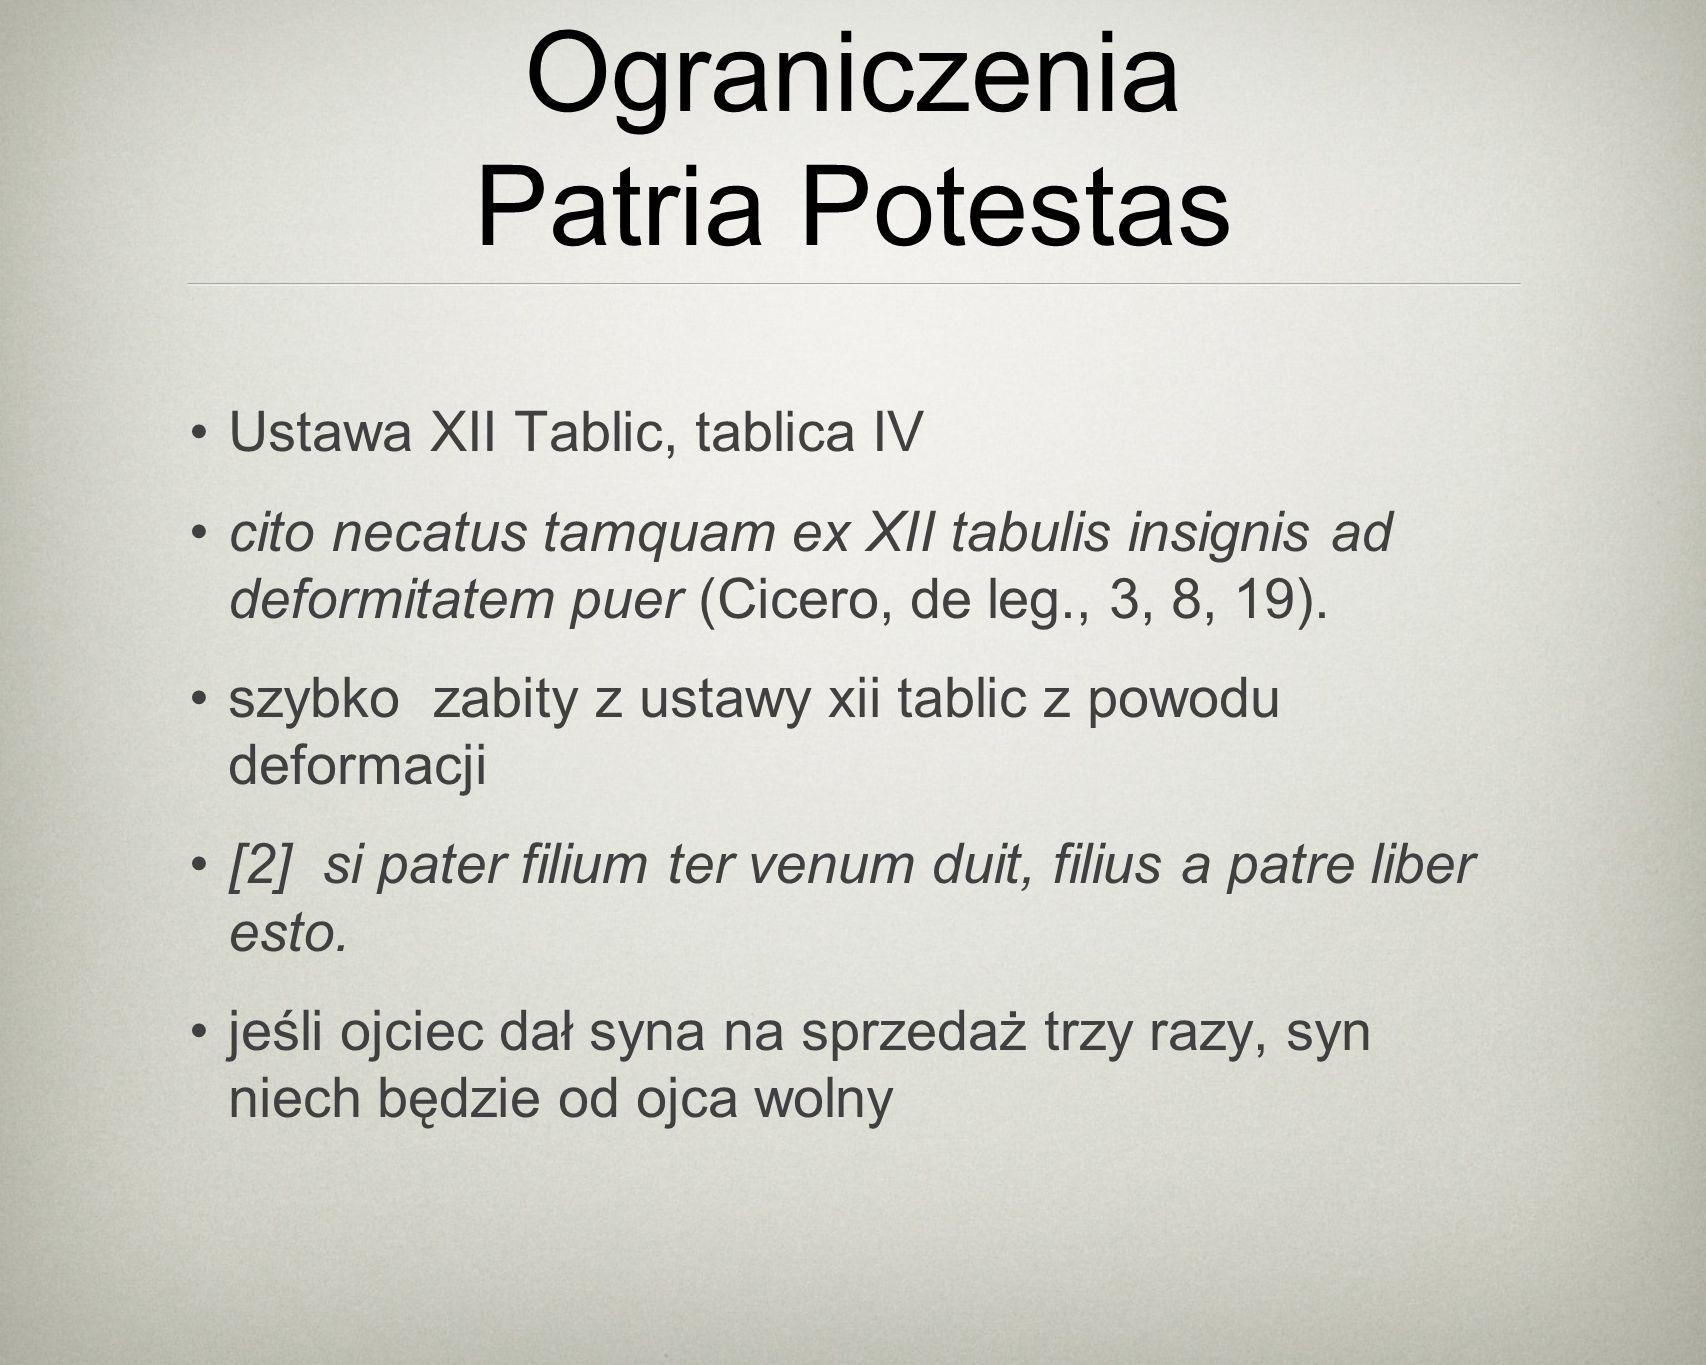 Ograniczenia Patria Potestas Ustawa XII Tablic, tablica IV cito necatus tamquam ex XII tabulis insignis ad deformitatem puer (Cicero, de leg., 3, 8, 19).